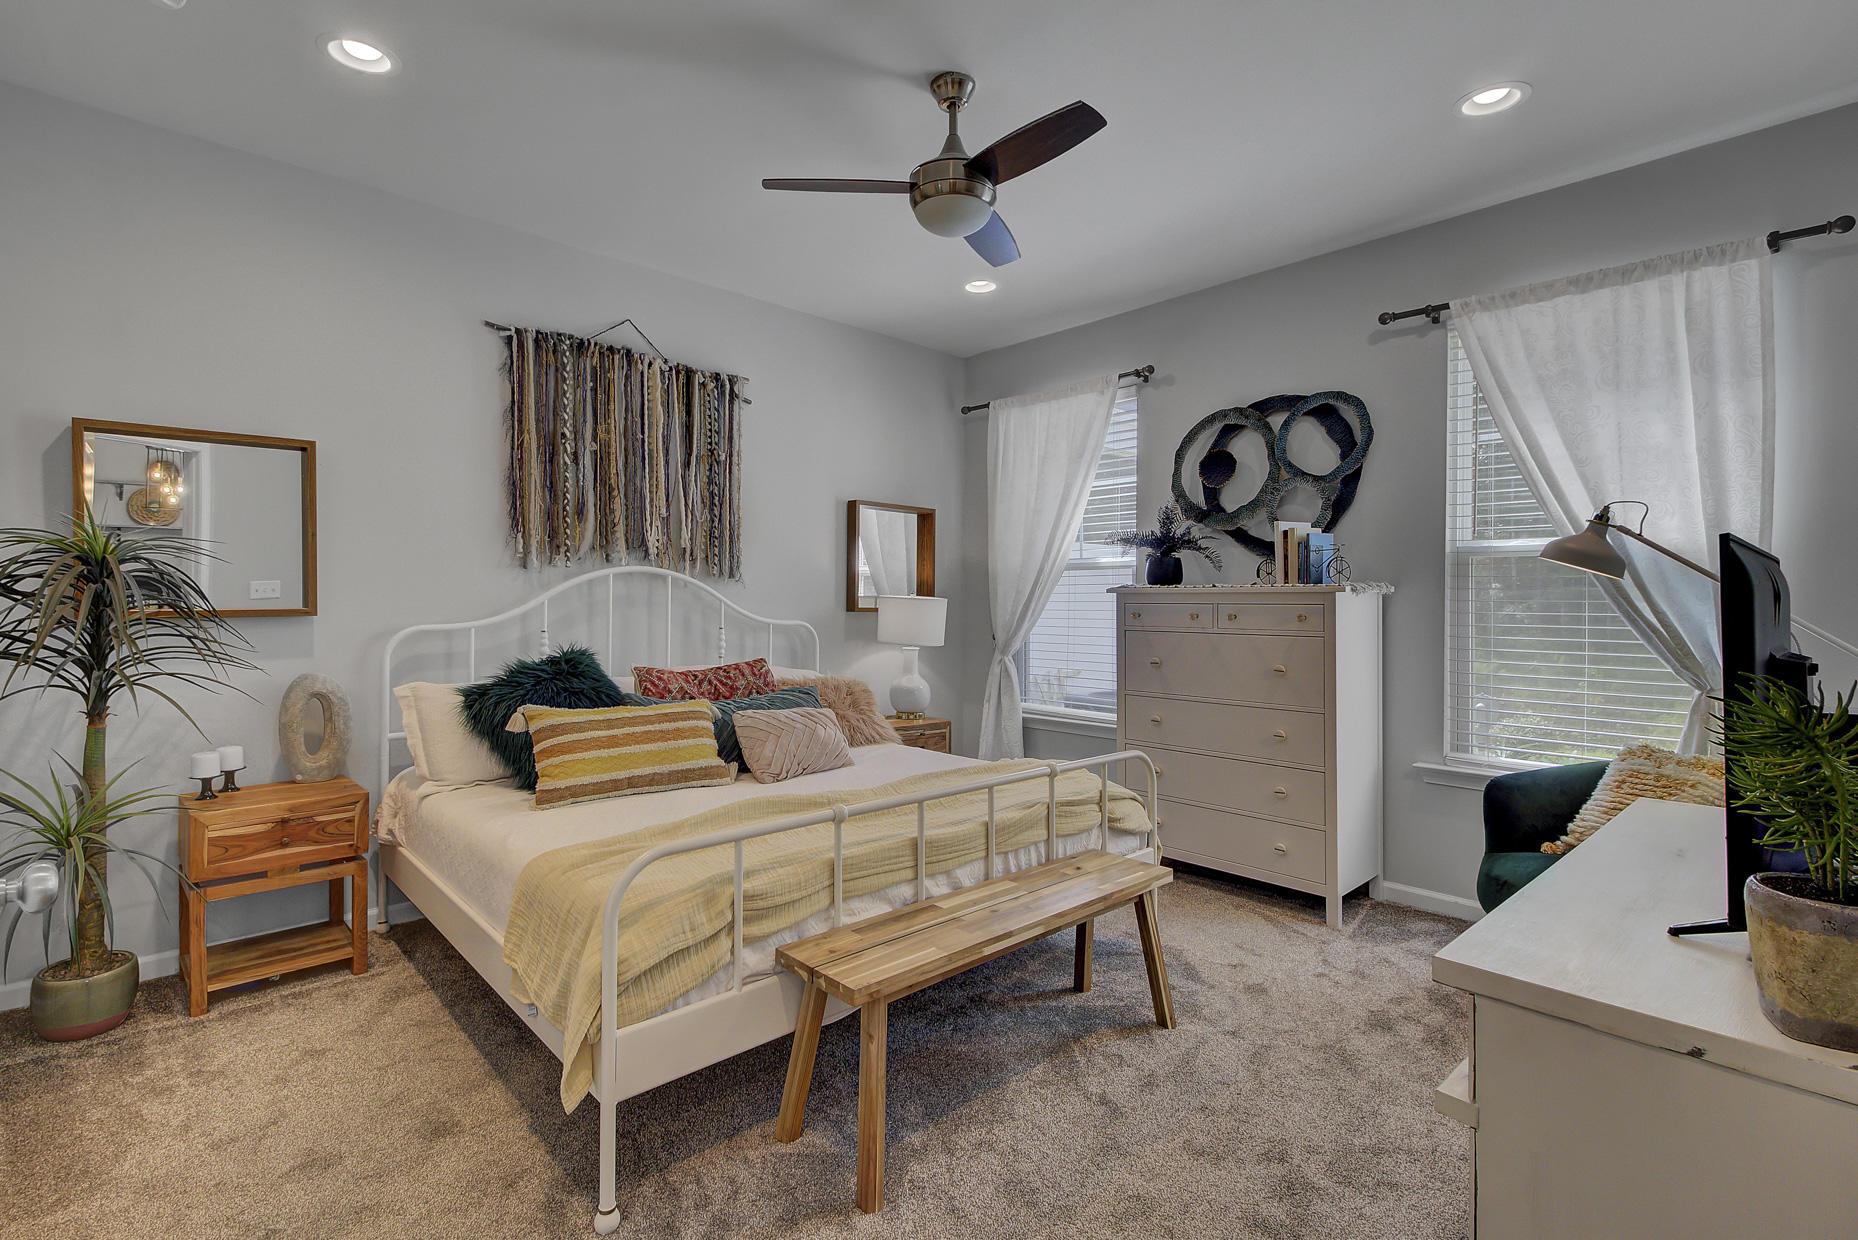 Park West Homes For Sale - 2566 Kingsfield, Mount Pleasant, SC - 4